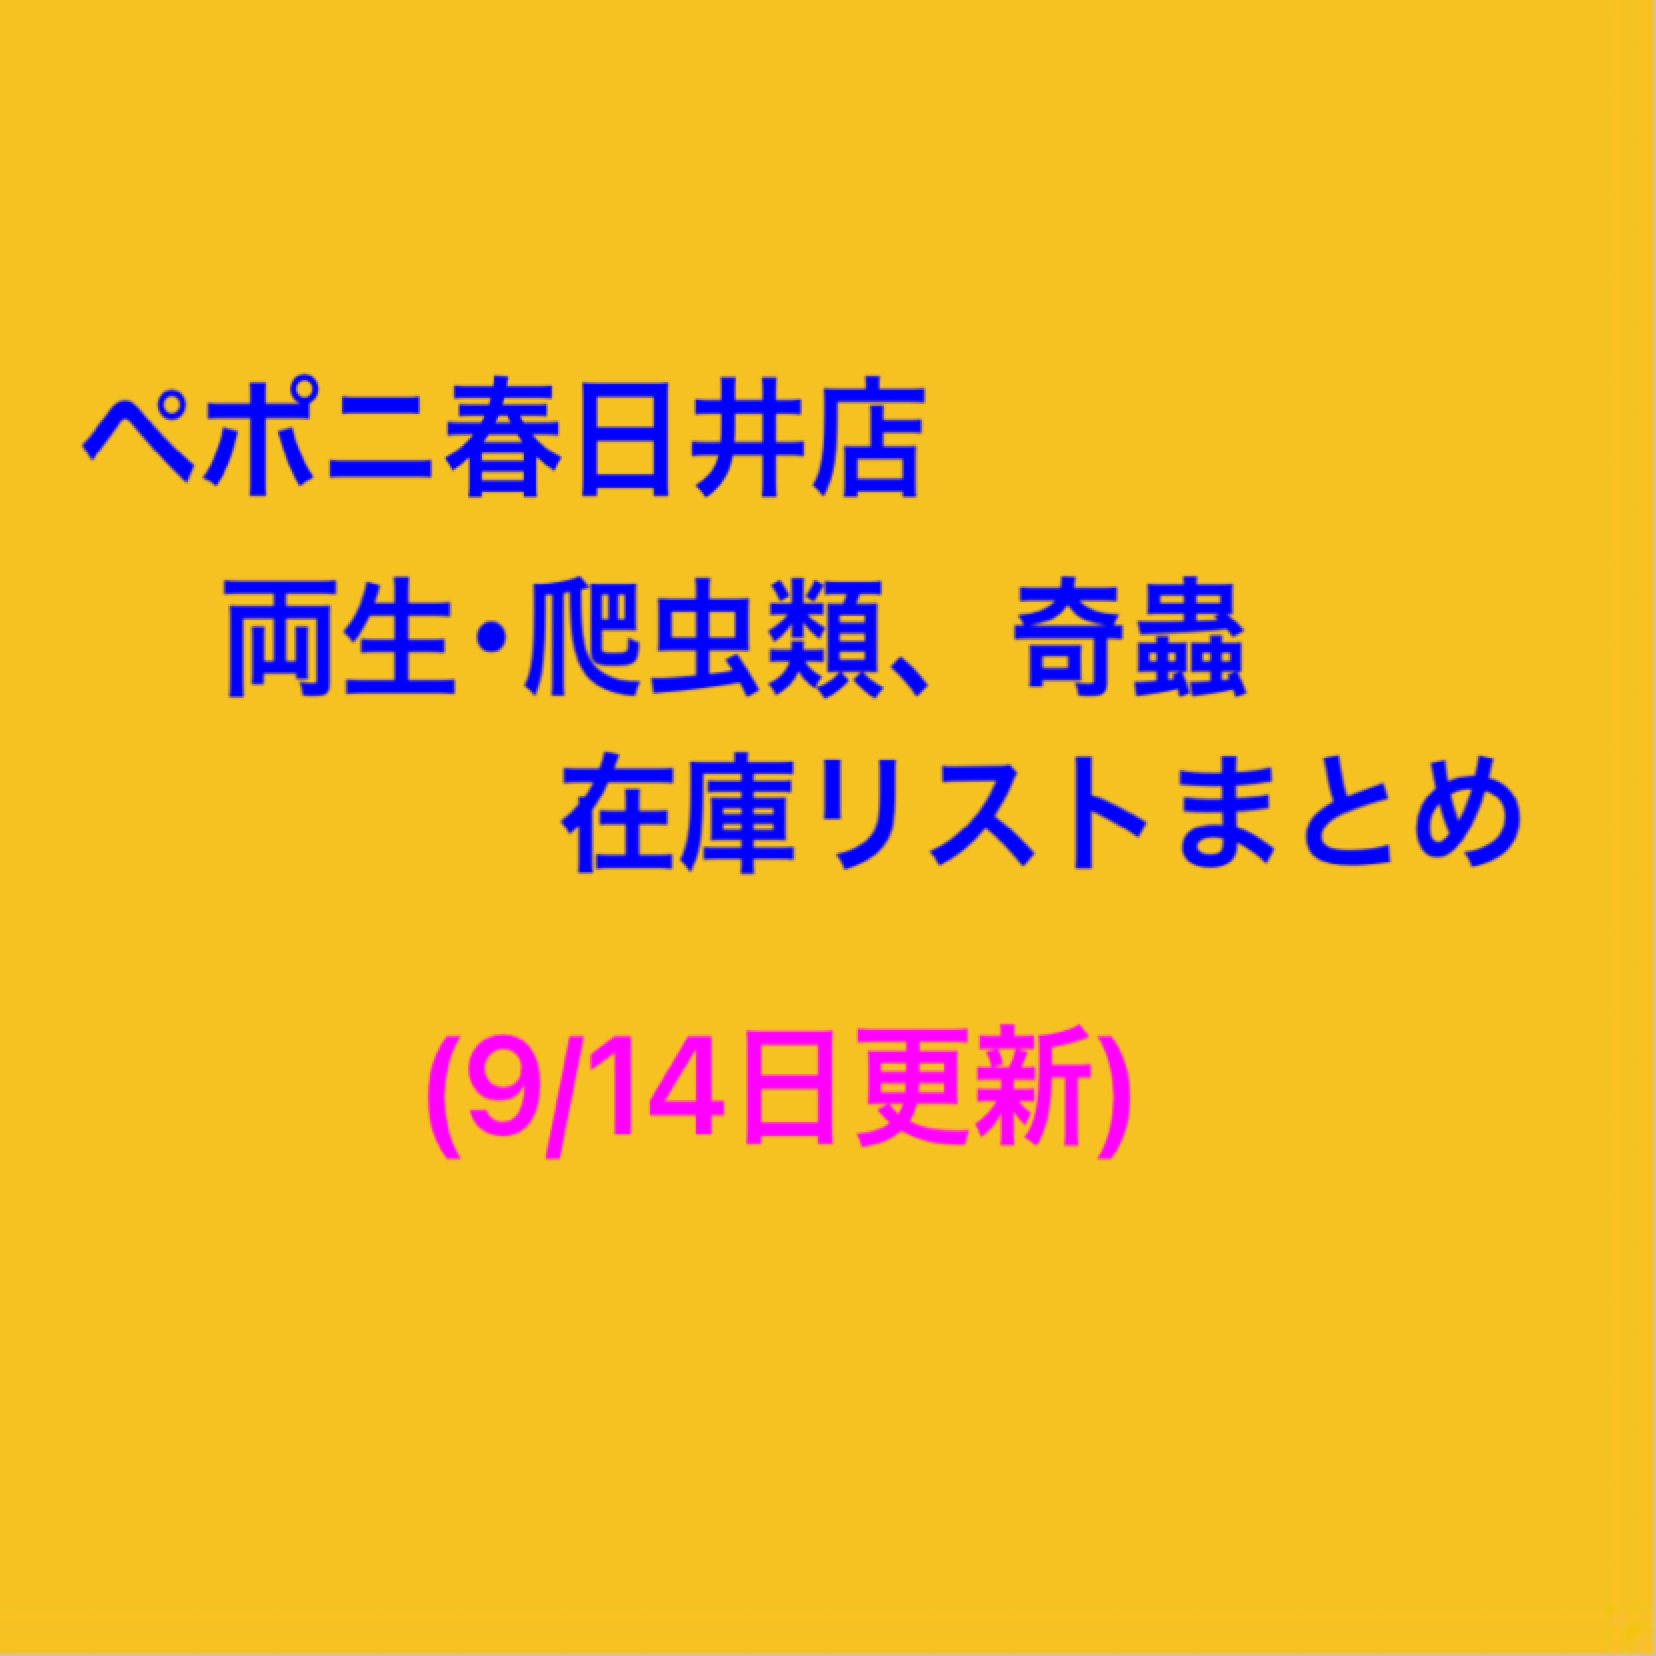 【春ペポニ】両生・爬虫類・奇蟲在庫リストまとめ(9/14更新)